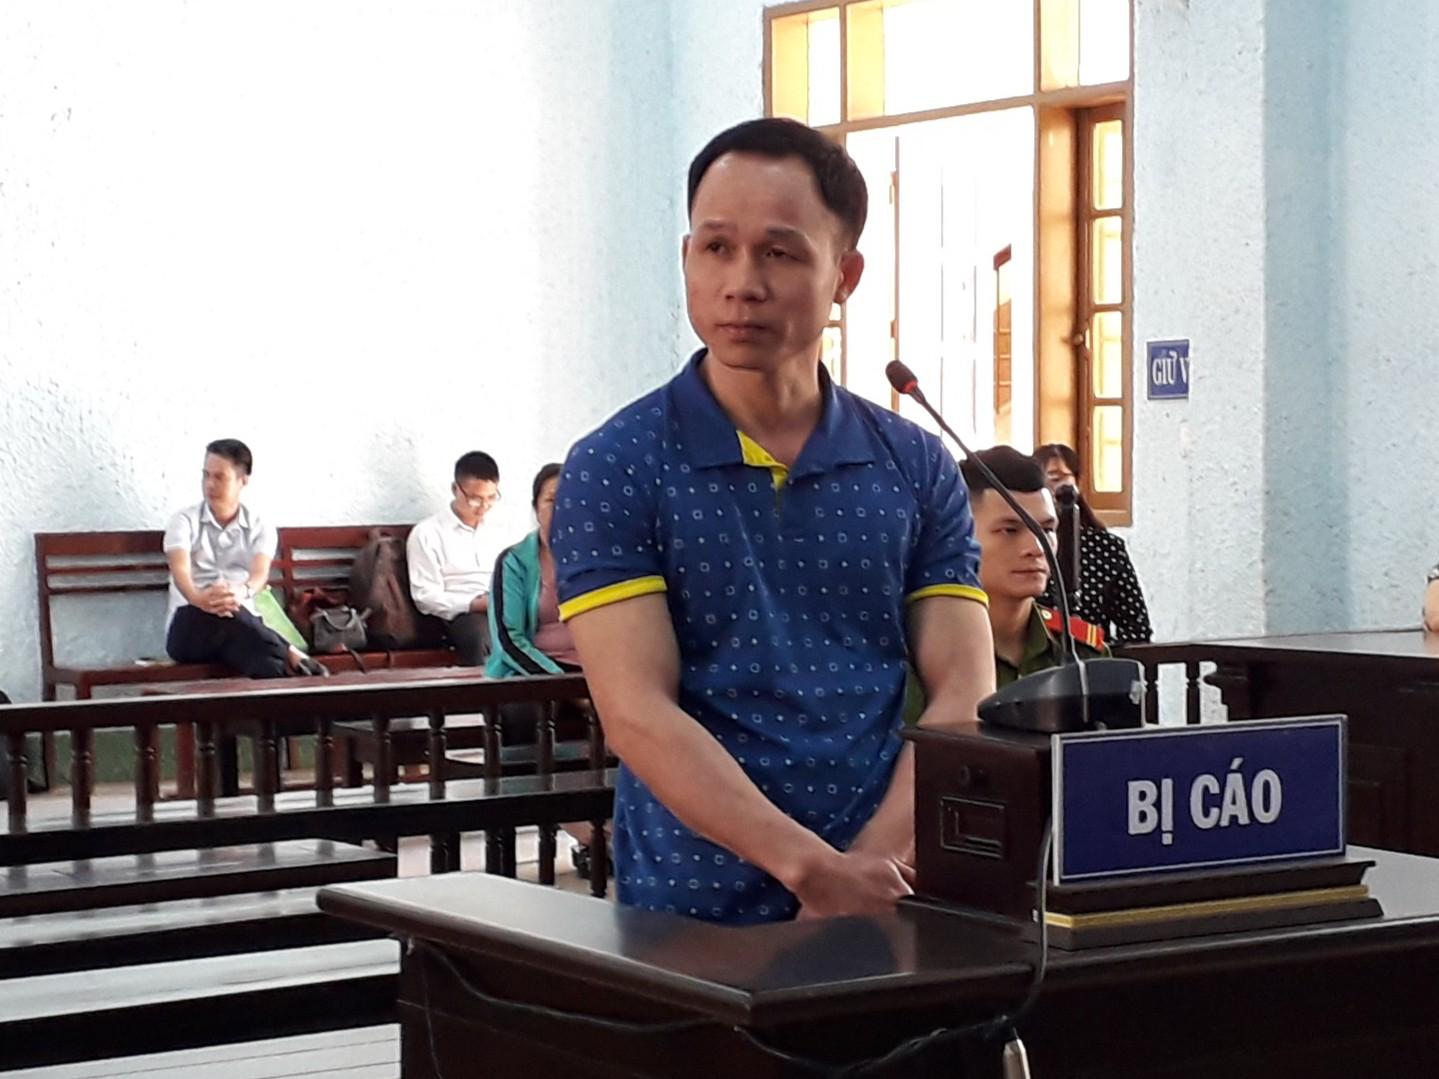 BI CAO HO TRONG DANG